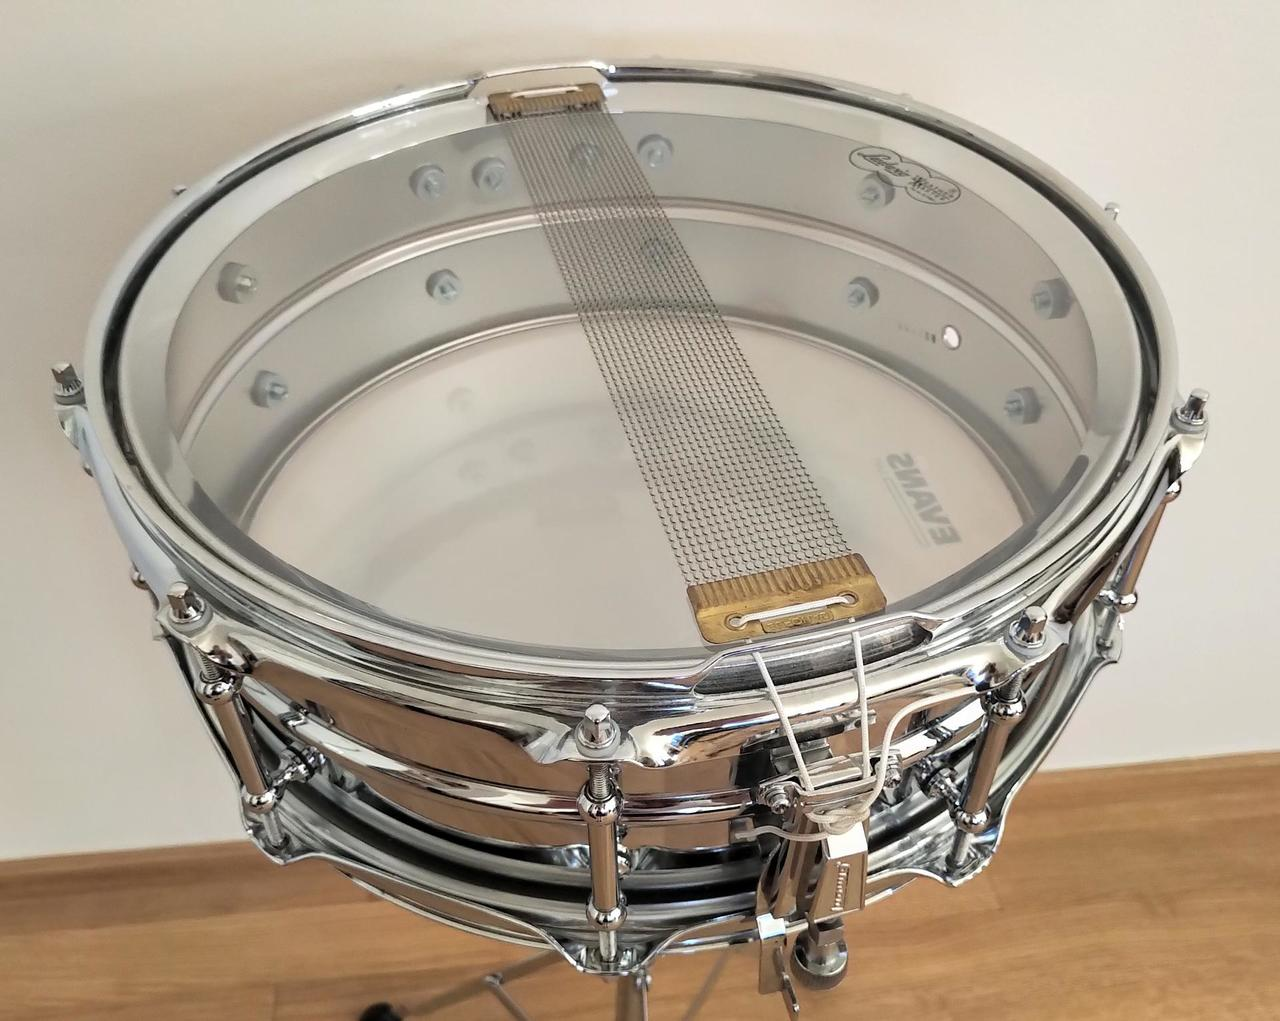 Datování ludwig supraphonic snare bubny